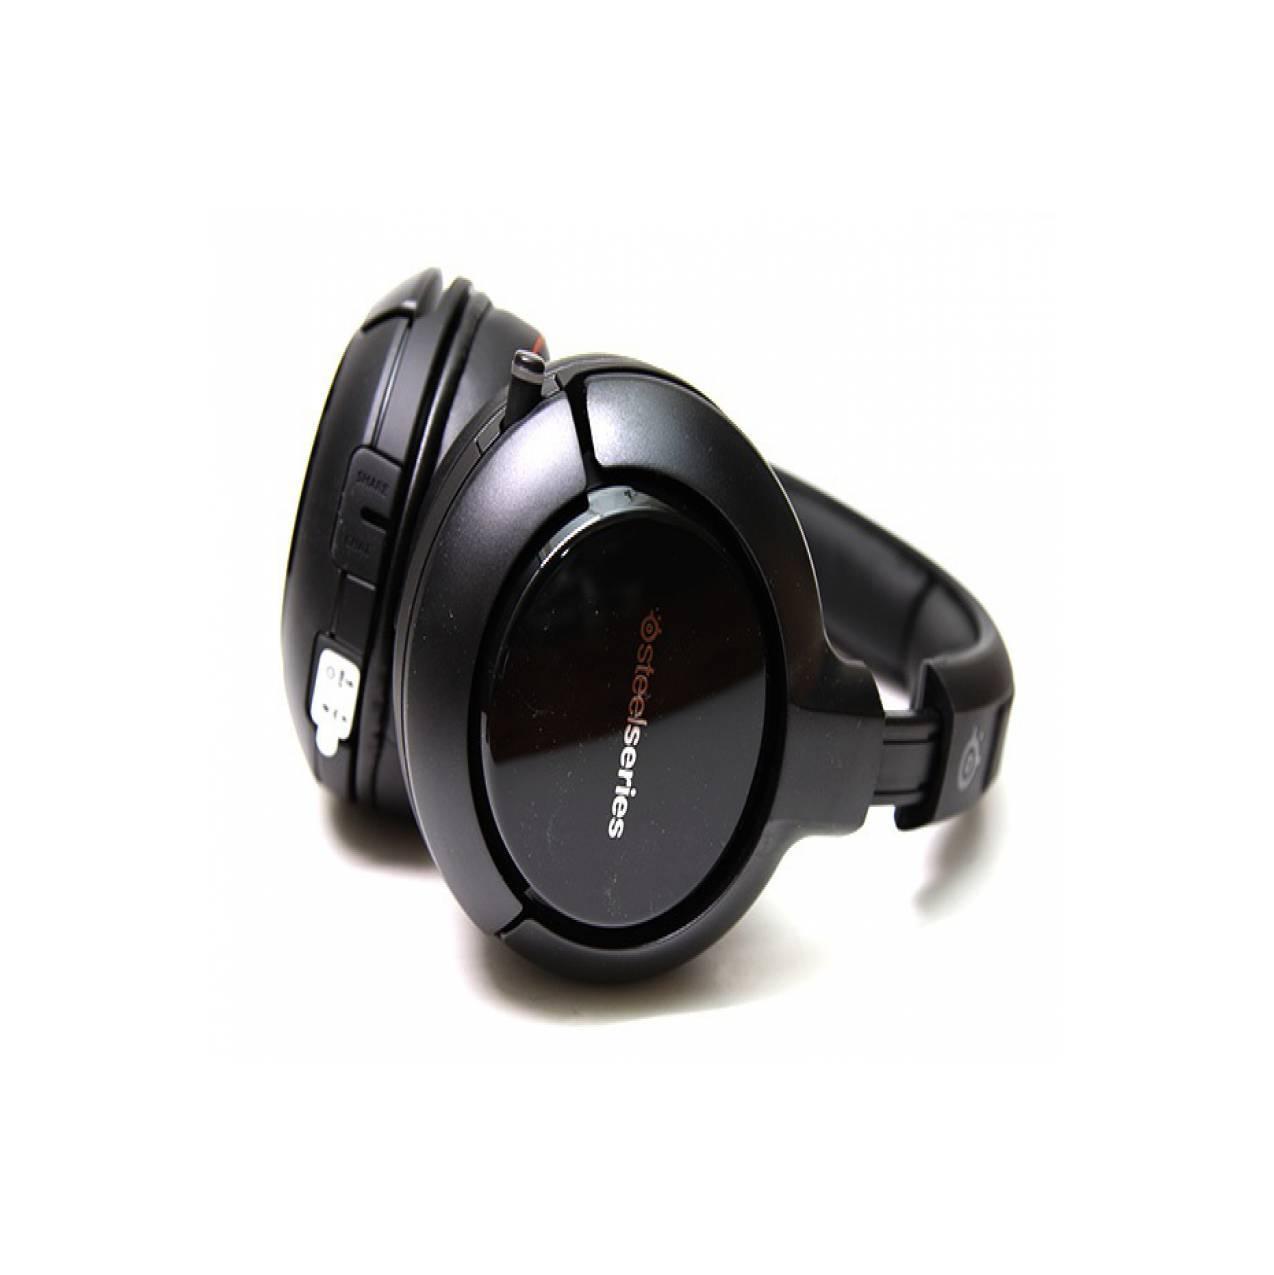 Jual Steelseries Headset H Murah Garansi Dan Berkualitas Id Store Qck Mini Black W 250 X L 210 2mm Rp 6720000